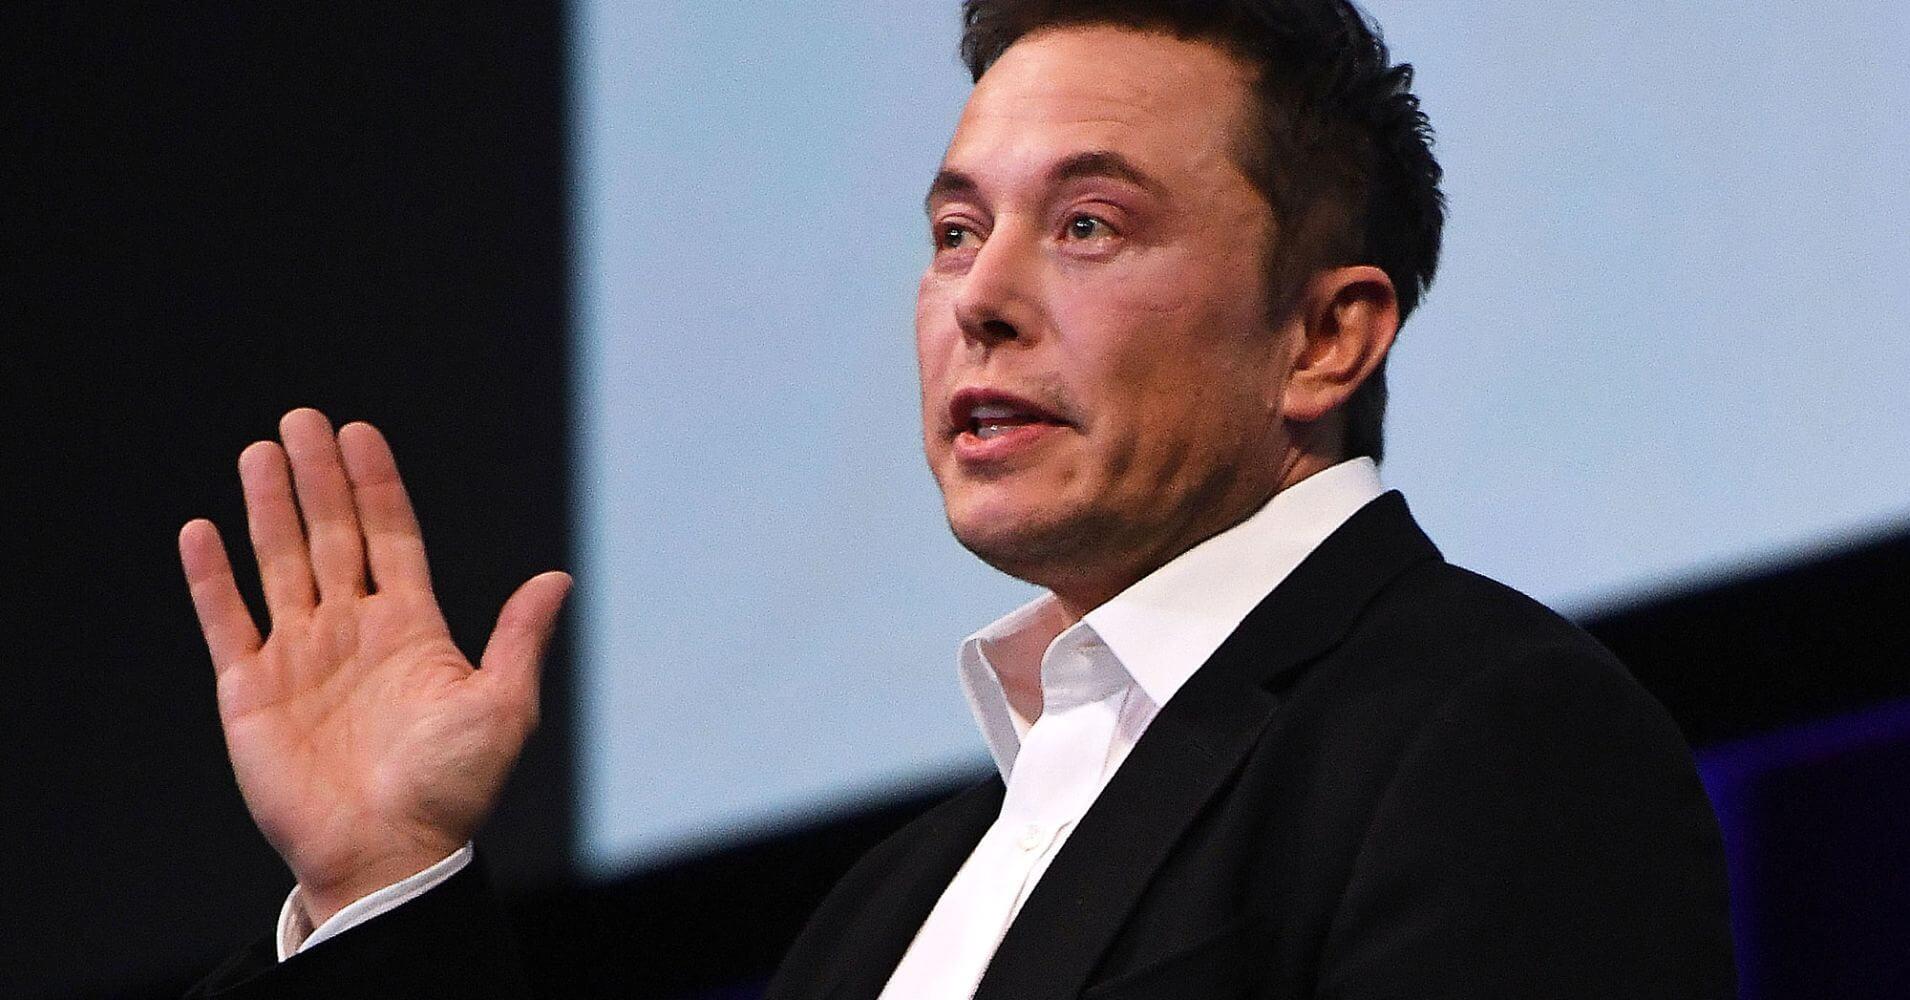 """Trước khi thành công, """"người sắt"""" Elon Musk từng """"khổ sở"""" đến thế này! - 1"""